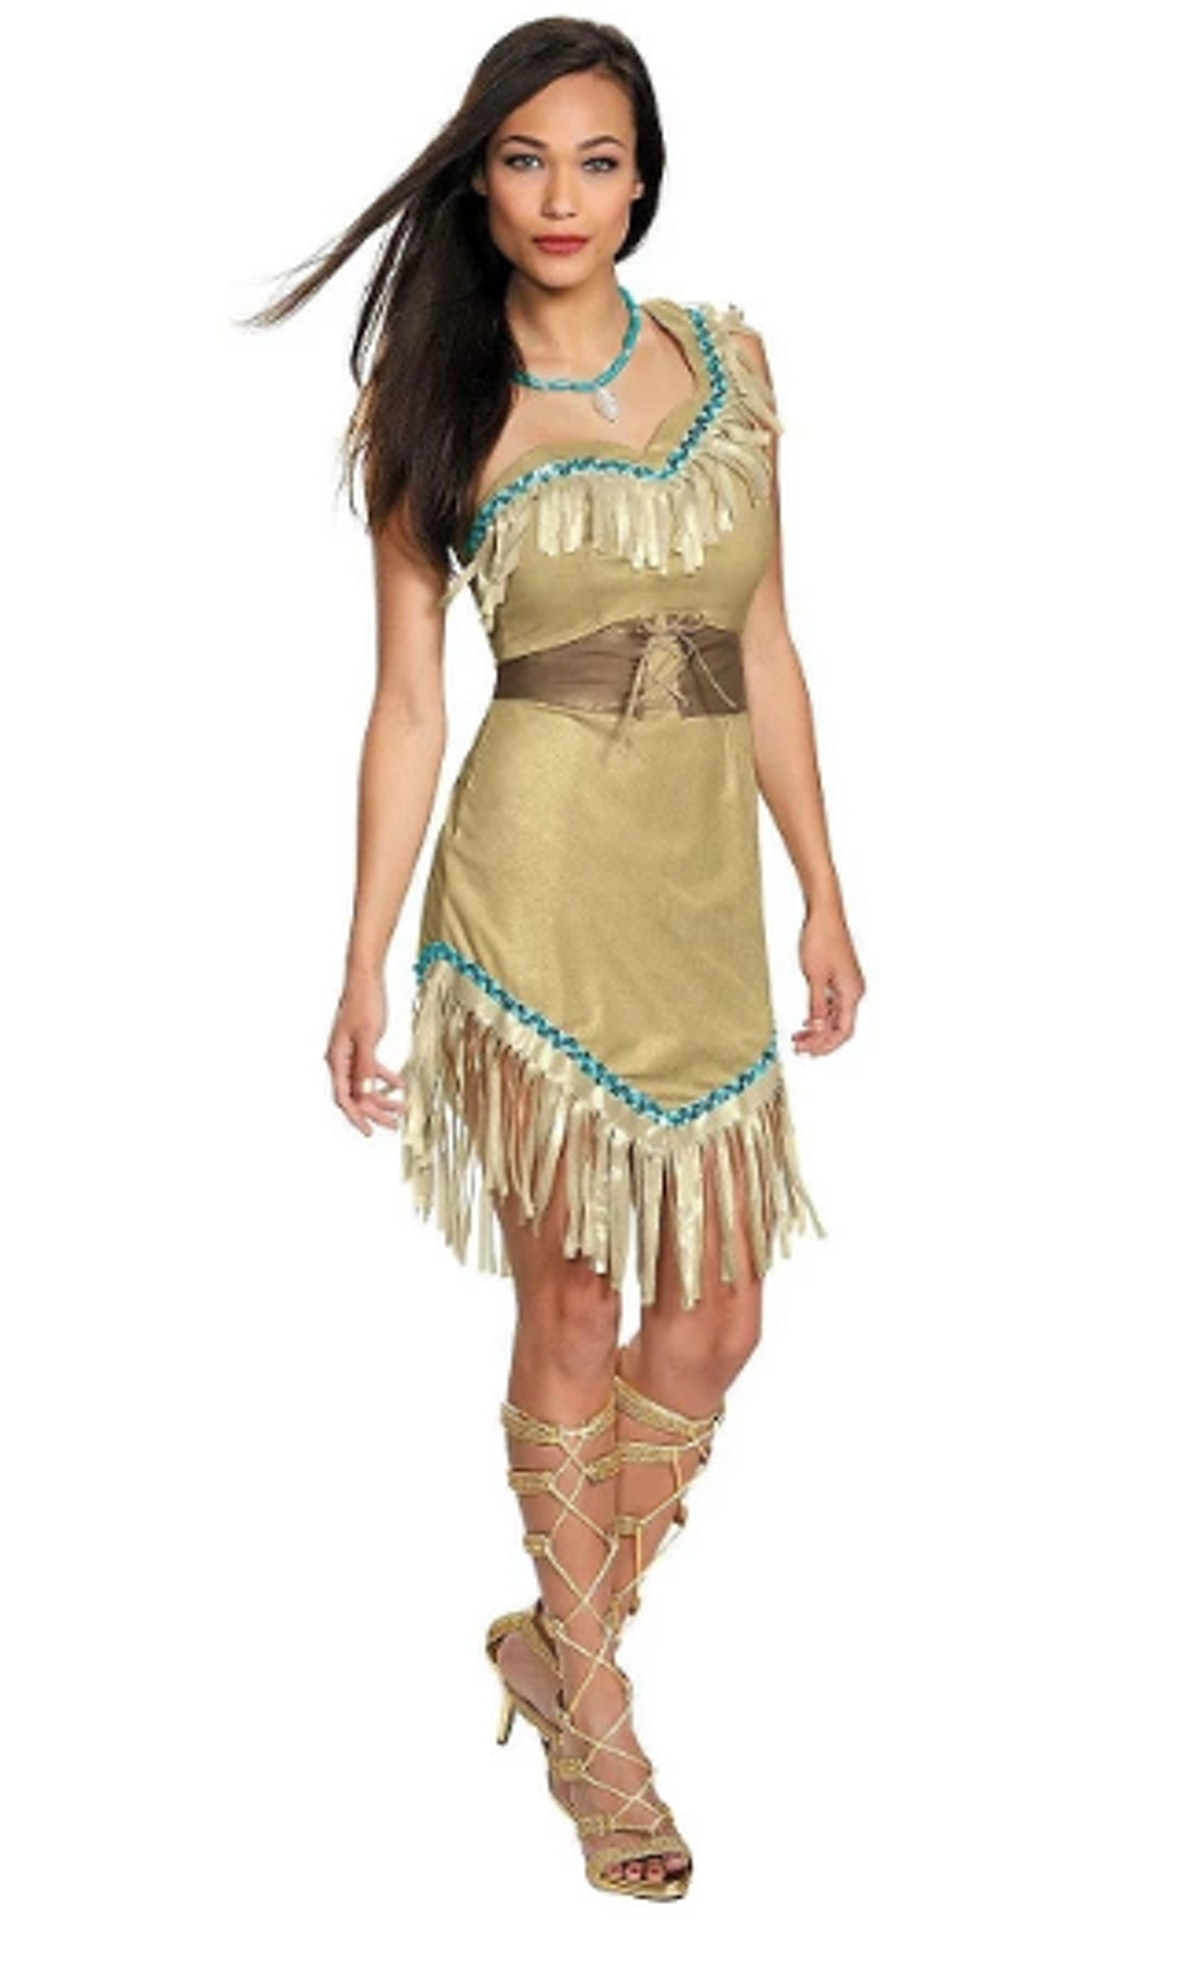 Disney Princess Pocahontas Women's Deluxe Costume